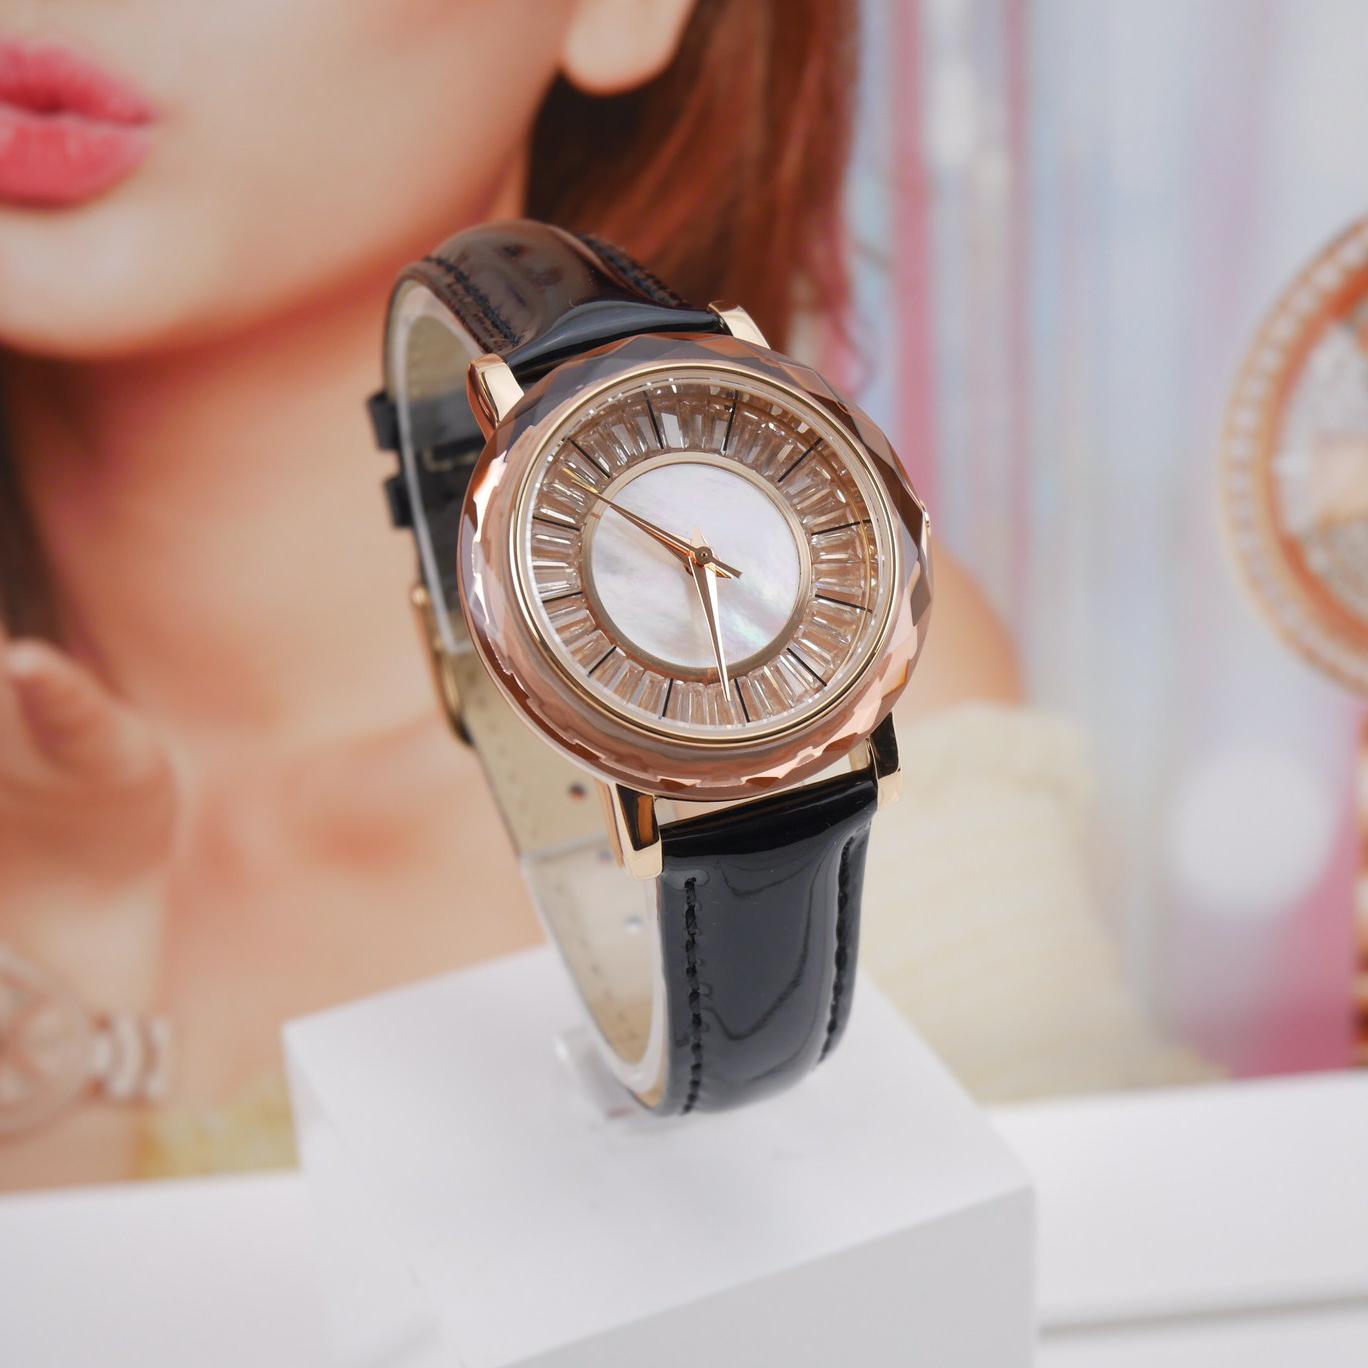 นาฬิกาข้อมือผู้หญิง MISHALI M19042L A